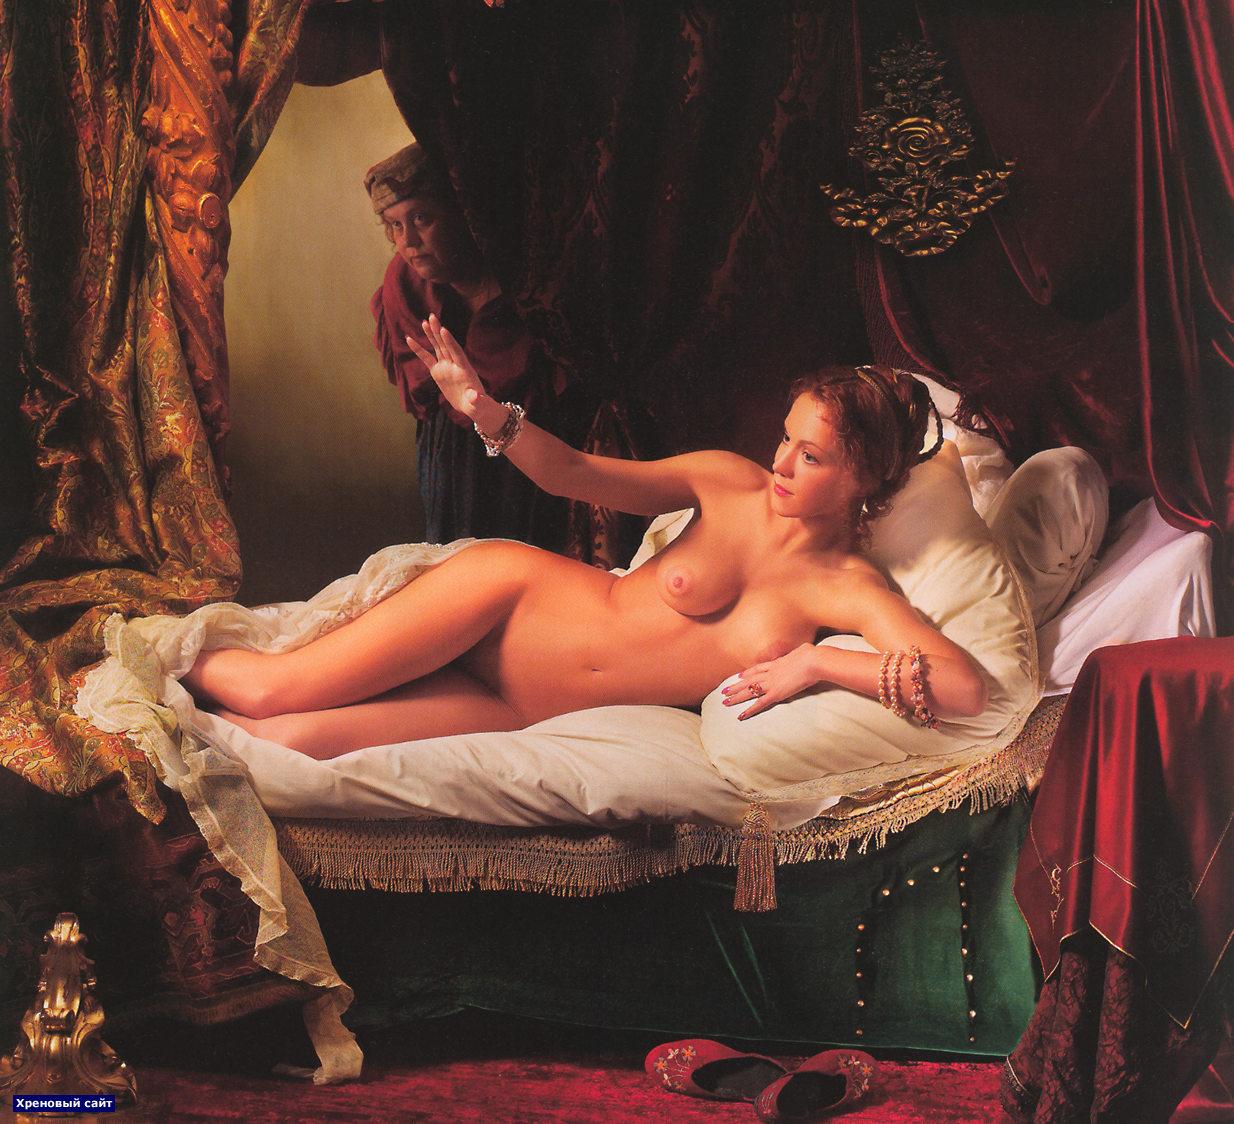 Эротика исторический екатерина 3 фотография